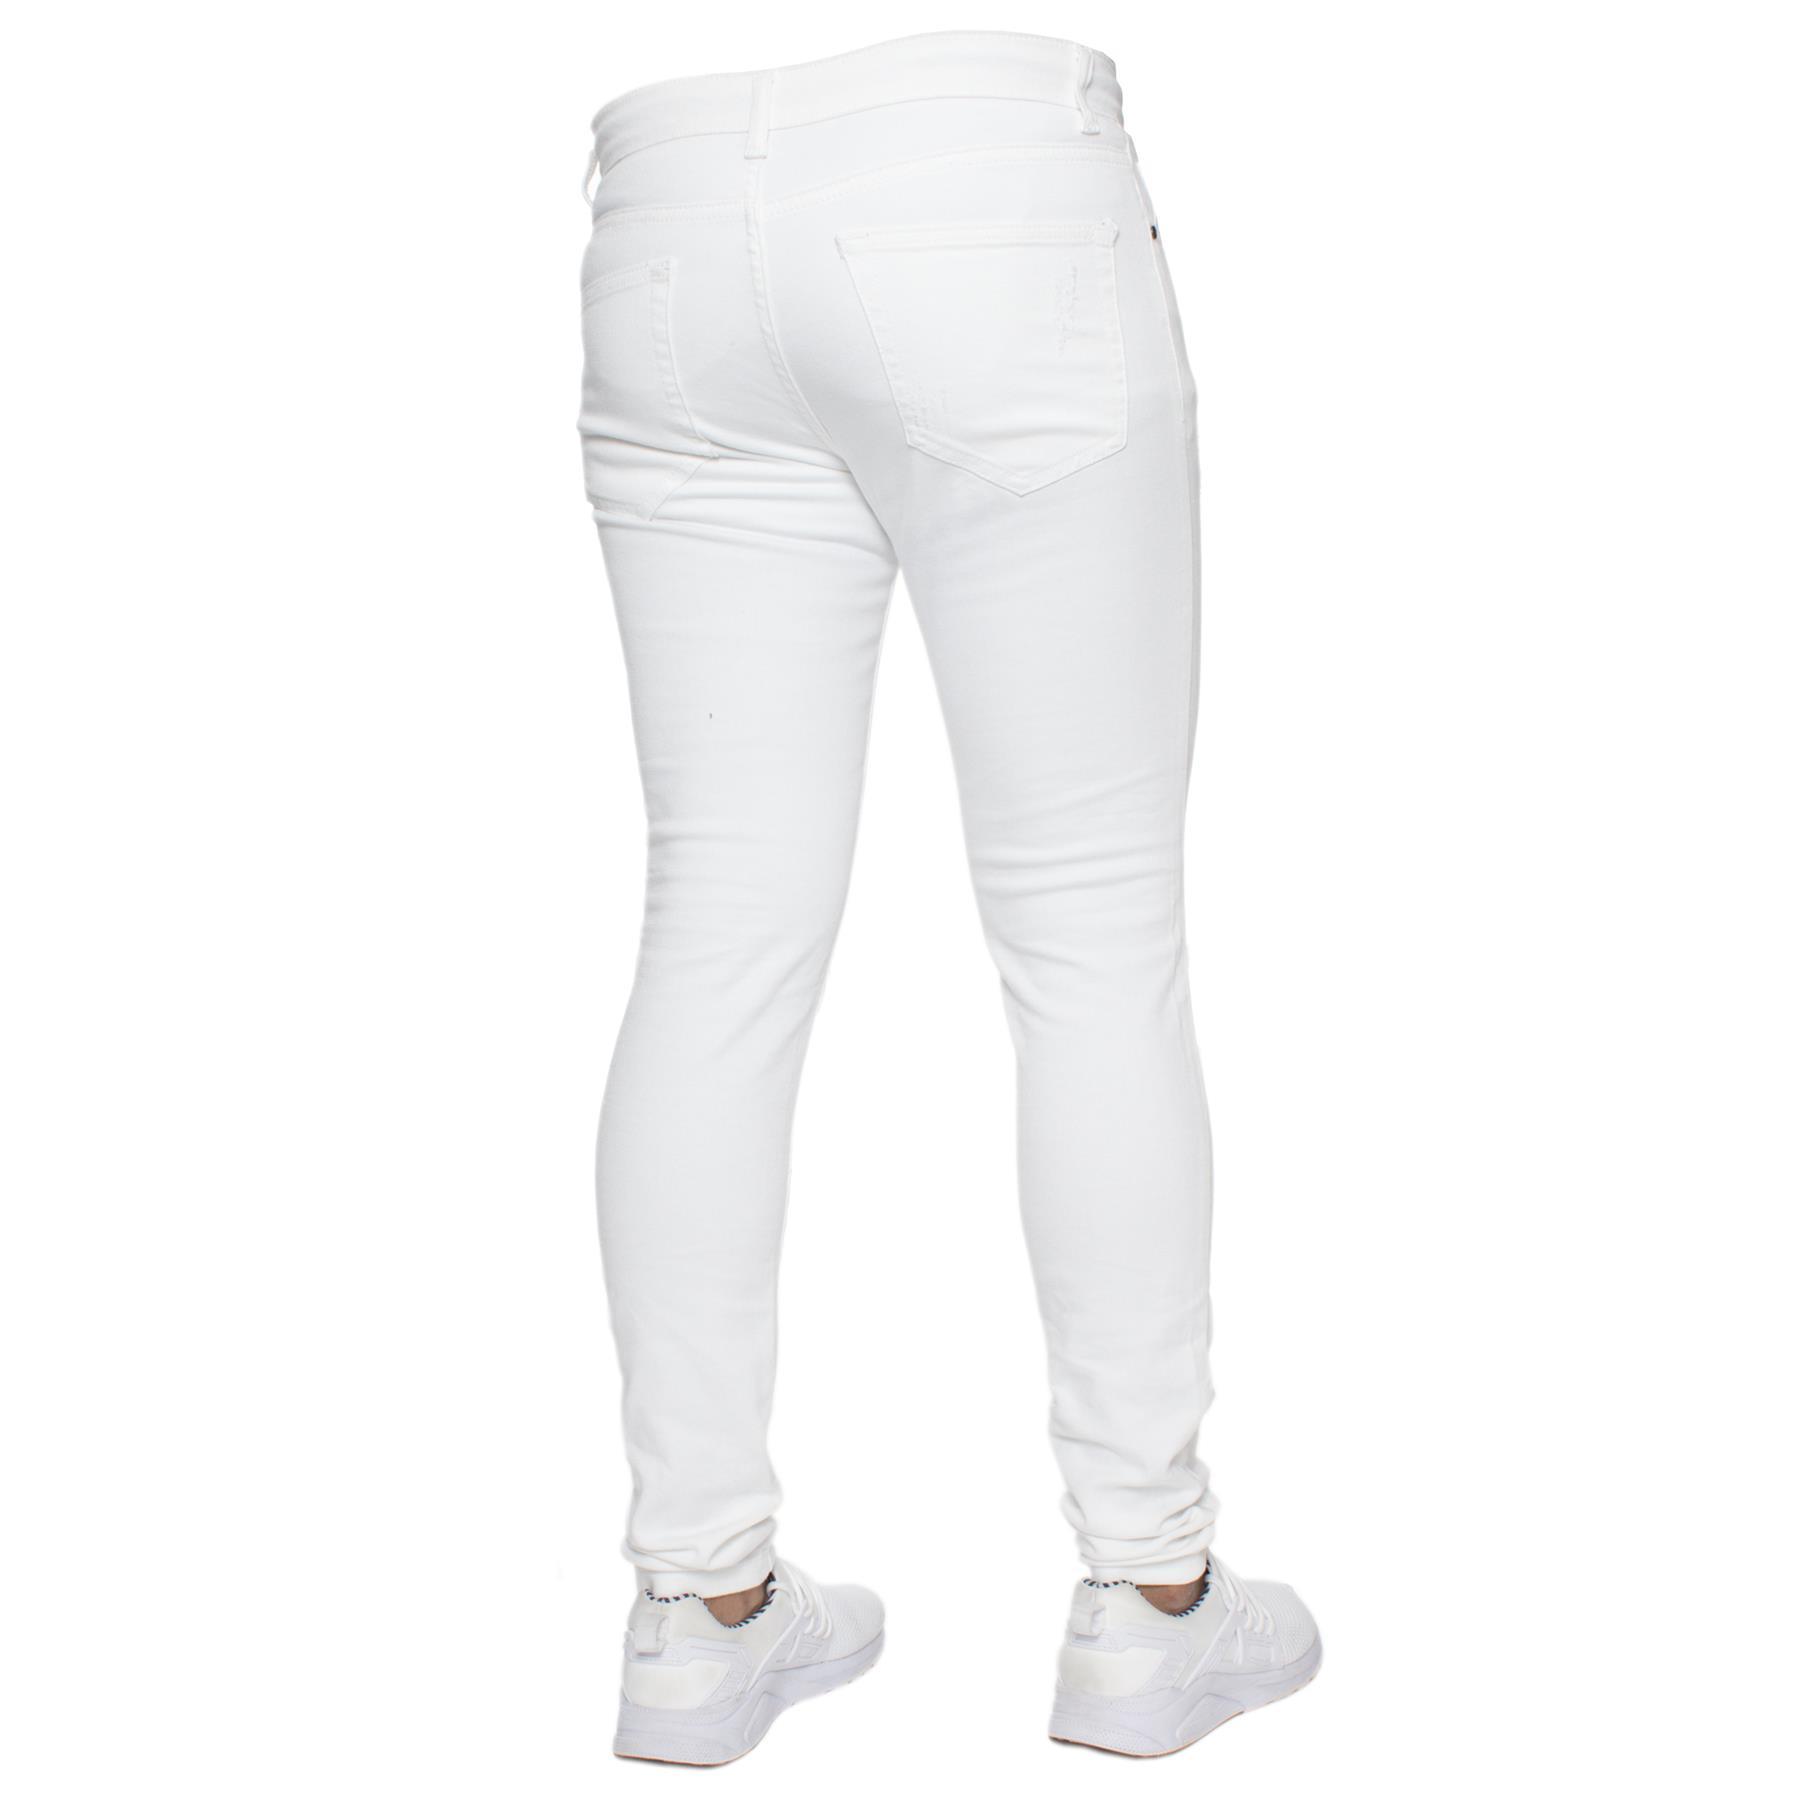 Para-hombre-Super-Skinny-Ripped-Jeans-Pantalones-Ajustados-desgastados-Denim-Envejecido-Todas miniatura 24